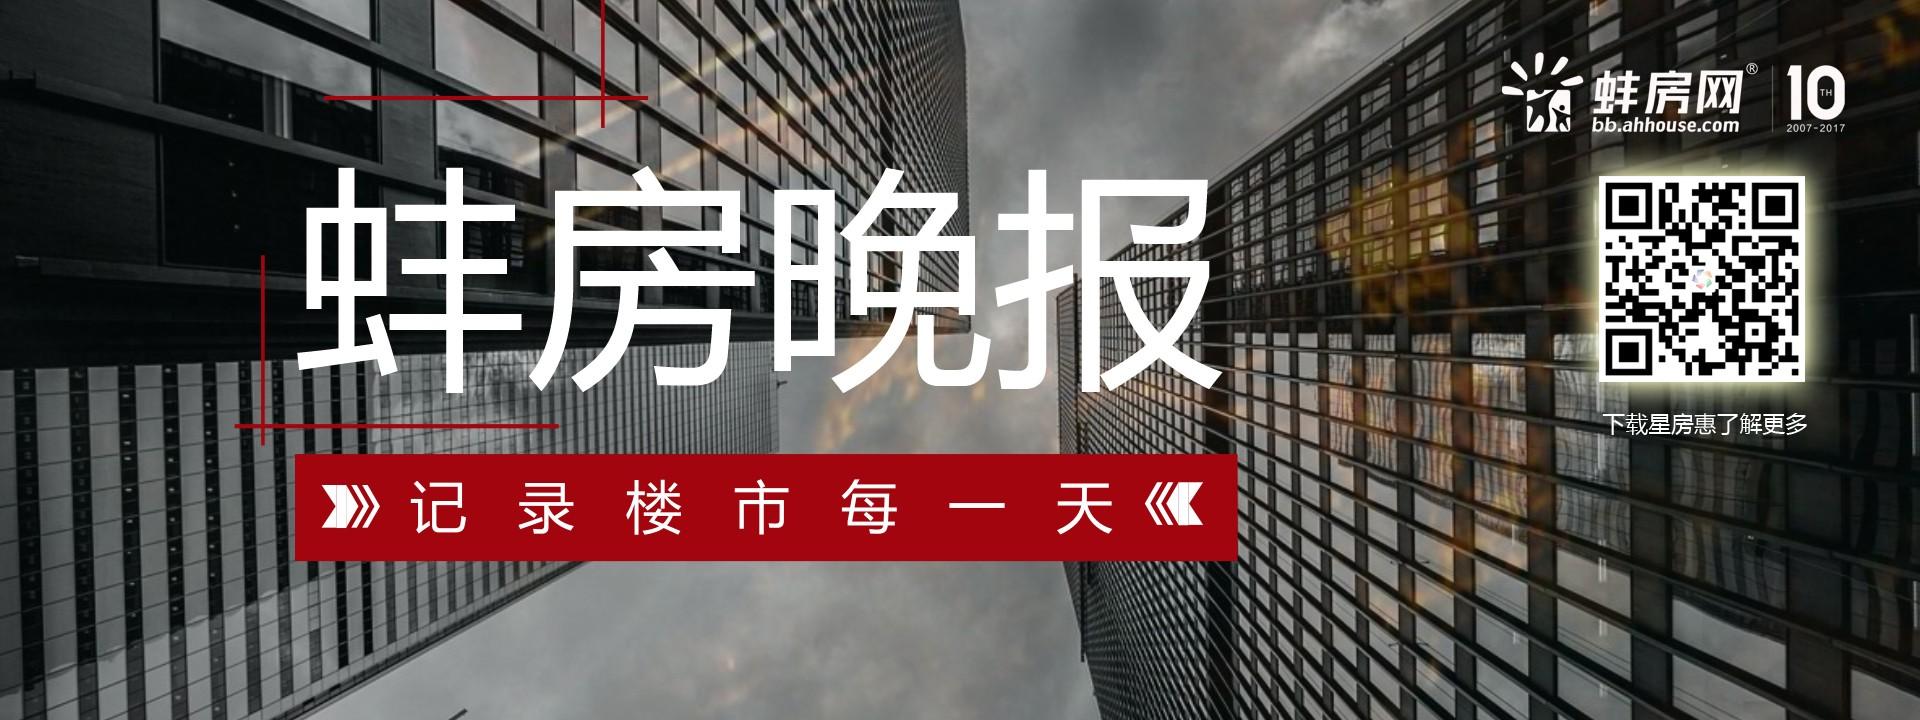 8月25日蚌房网晚报:周末蚌埠一盘样板房开放 龙头房企拿地热情依旧